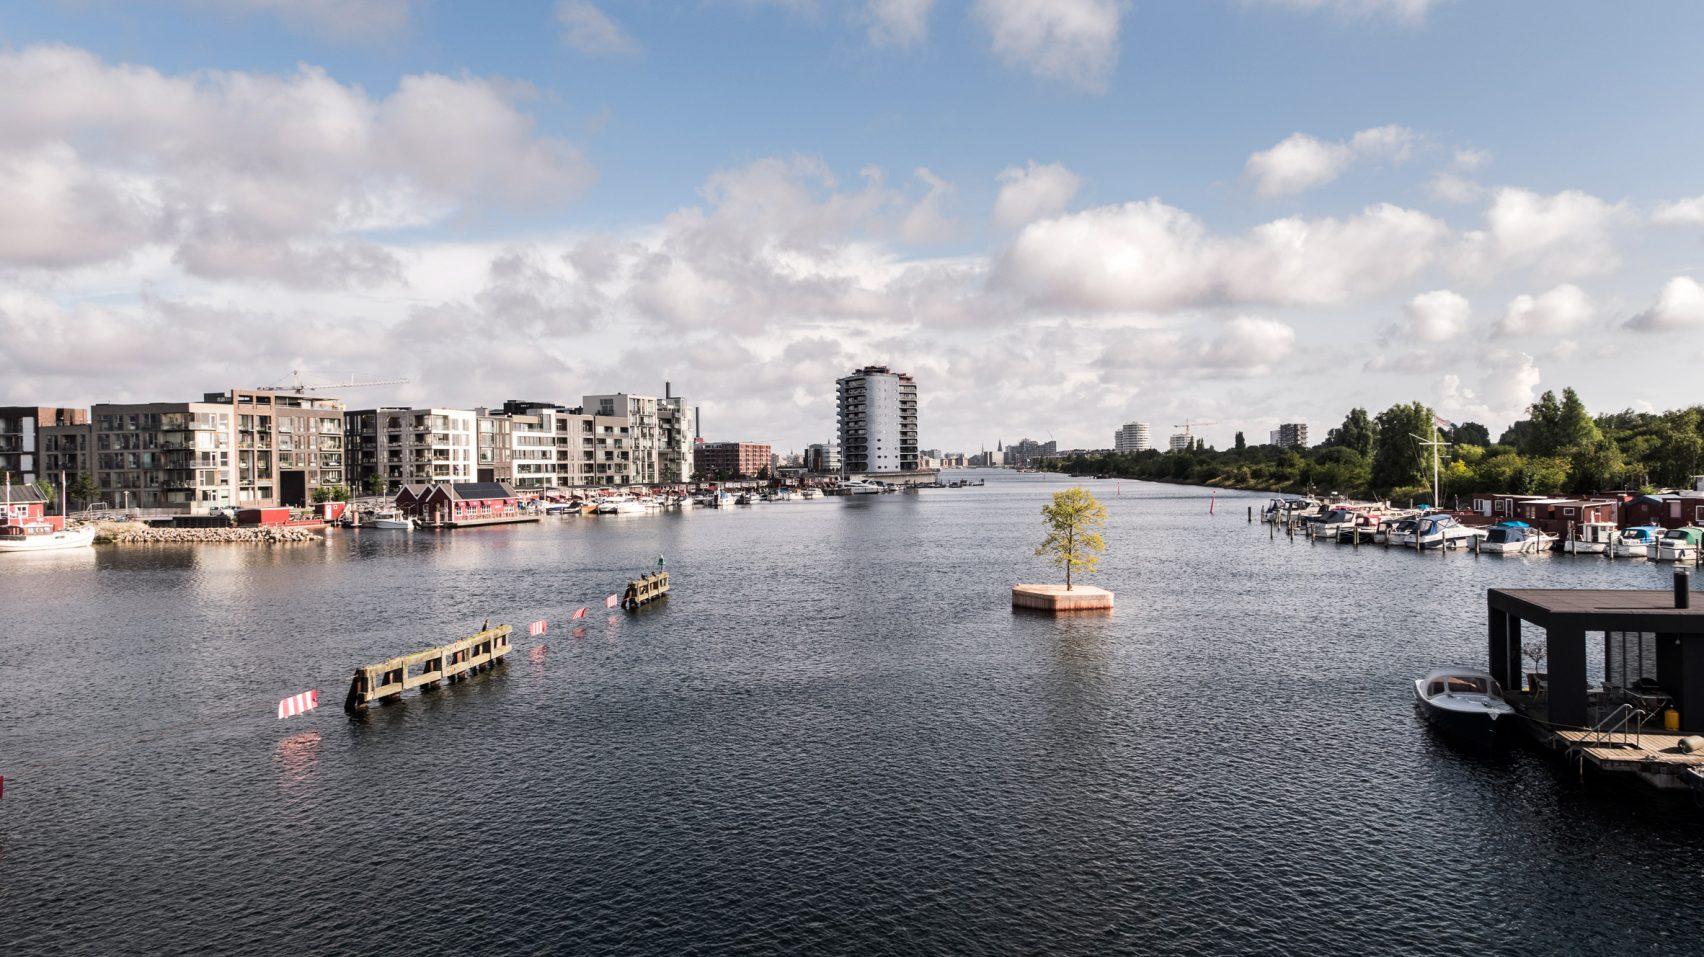 marshall-blecher-magnus-maarbjerg-copenhagen-floating-island_dezeen_2364_col_10-1704x957